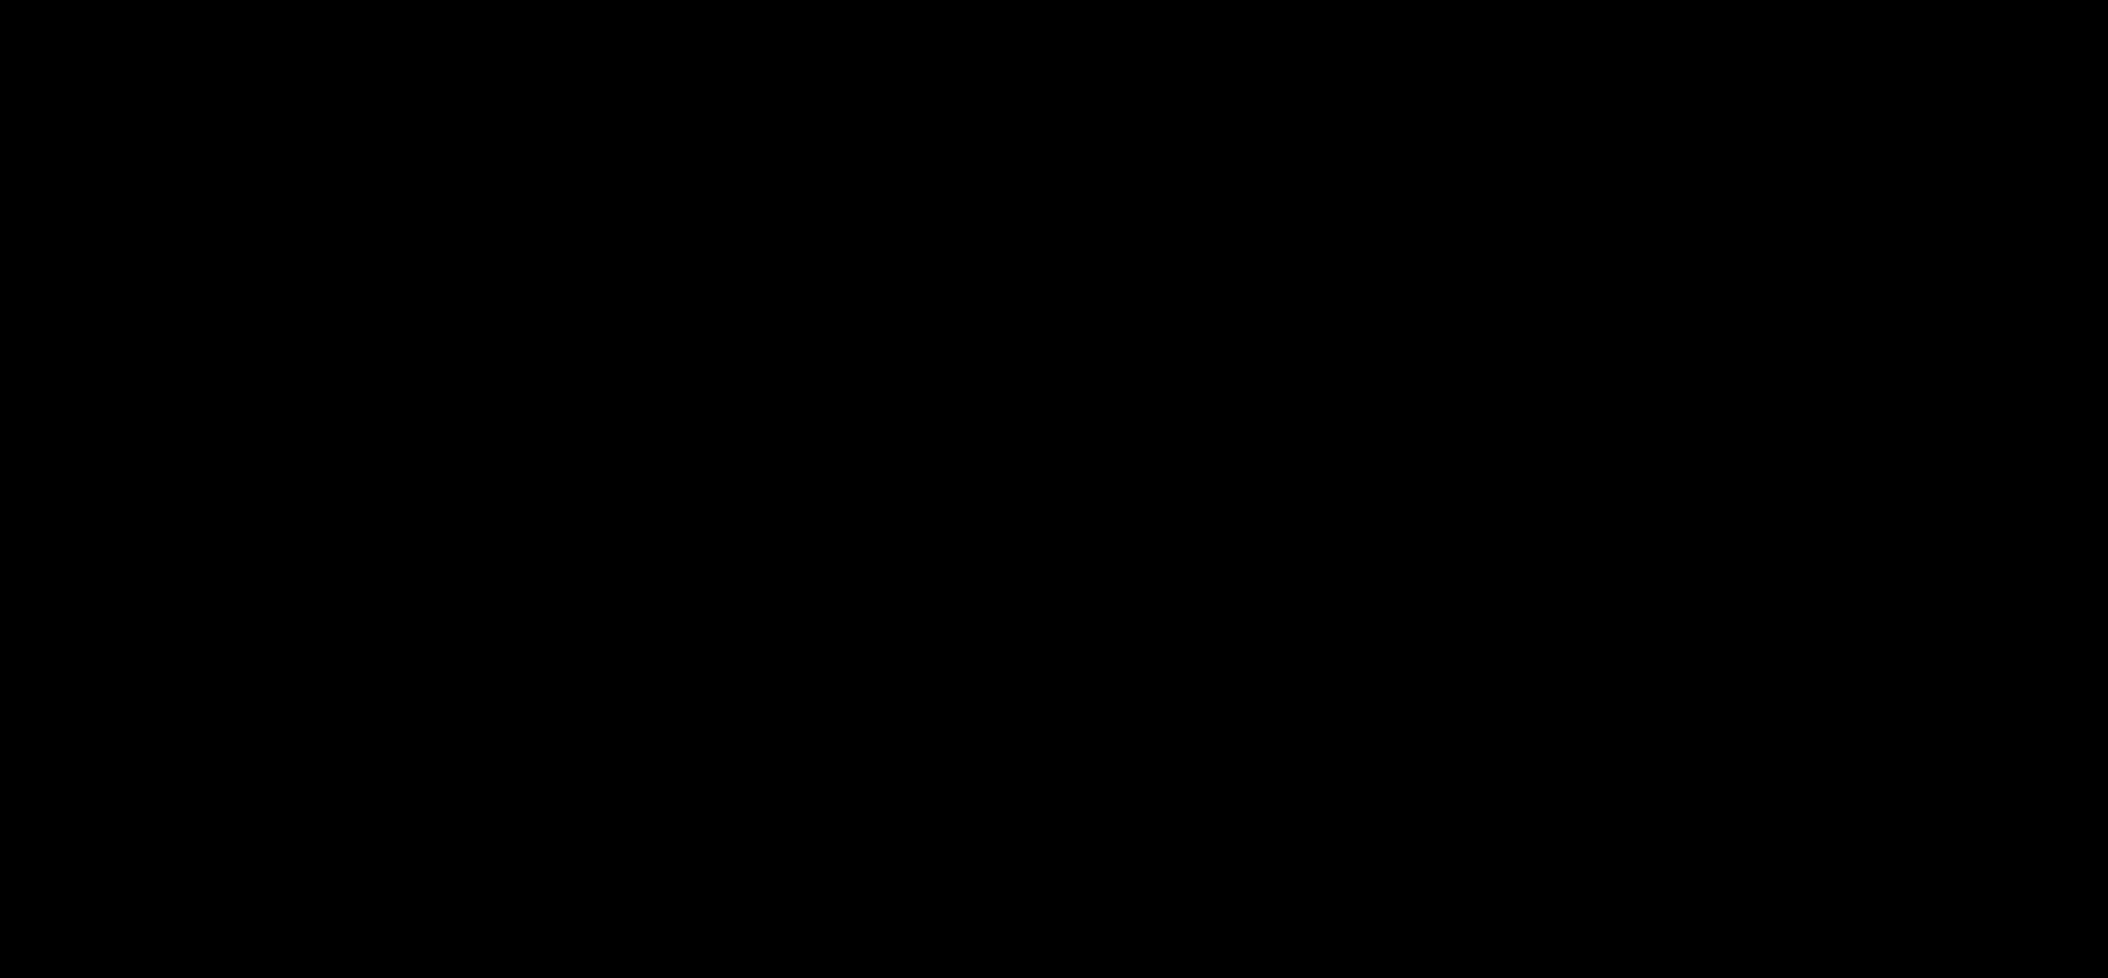 N-Biotinylserotonin-d<sub>4</sub>